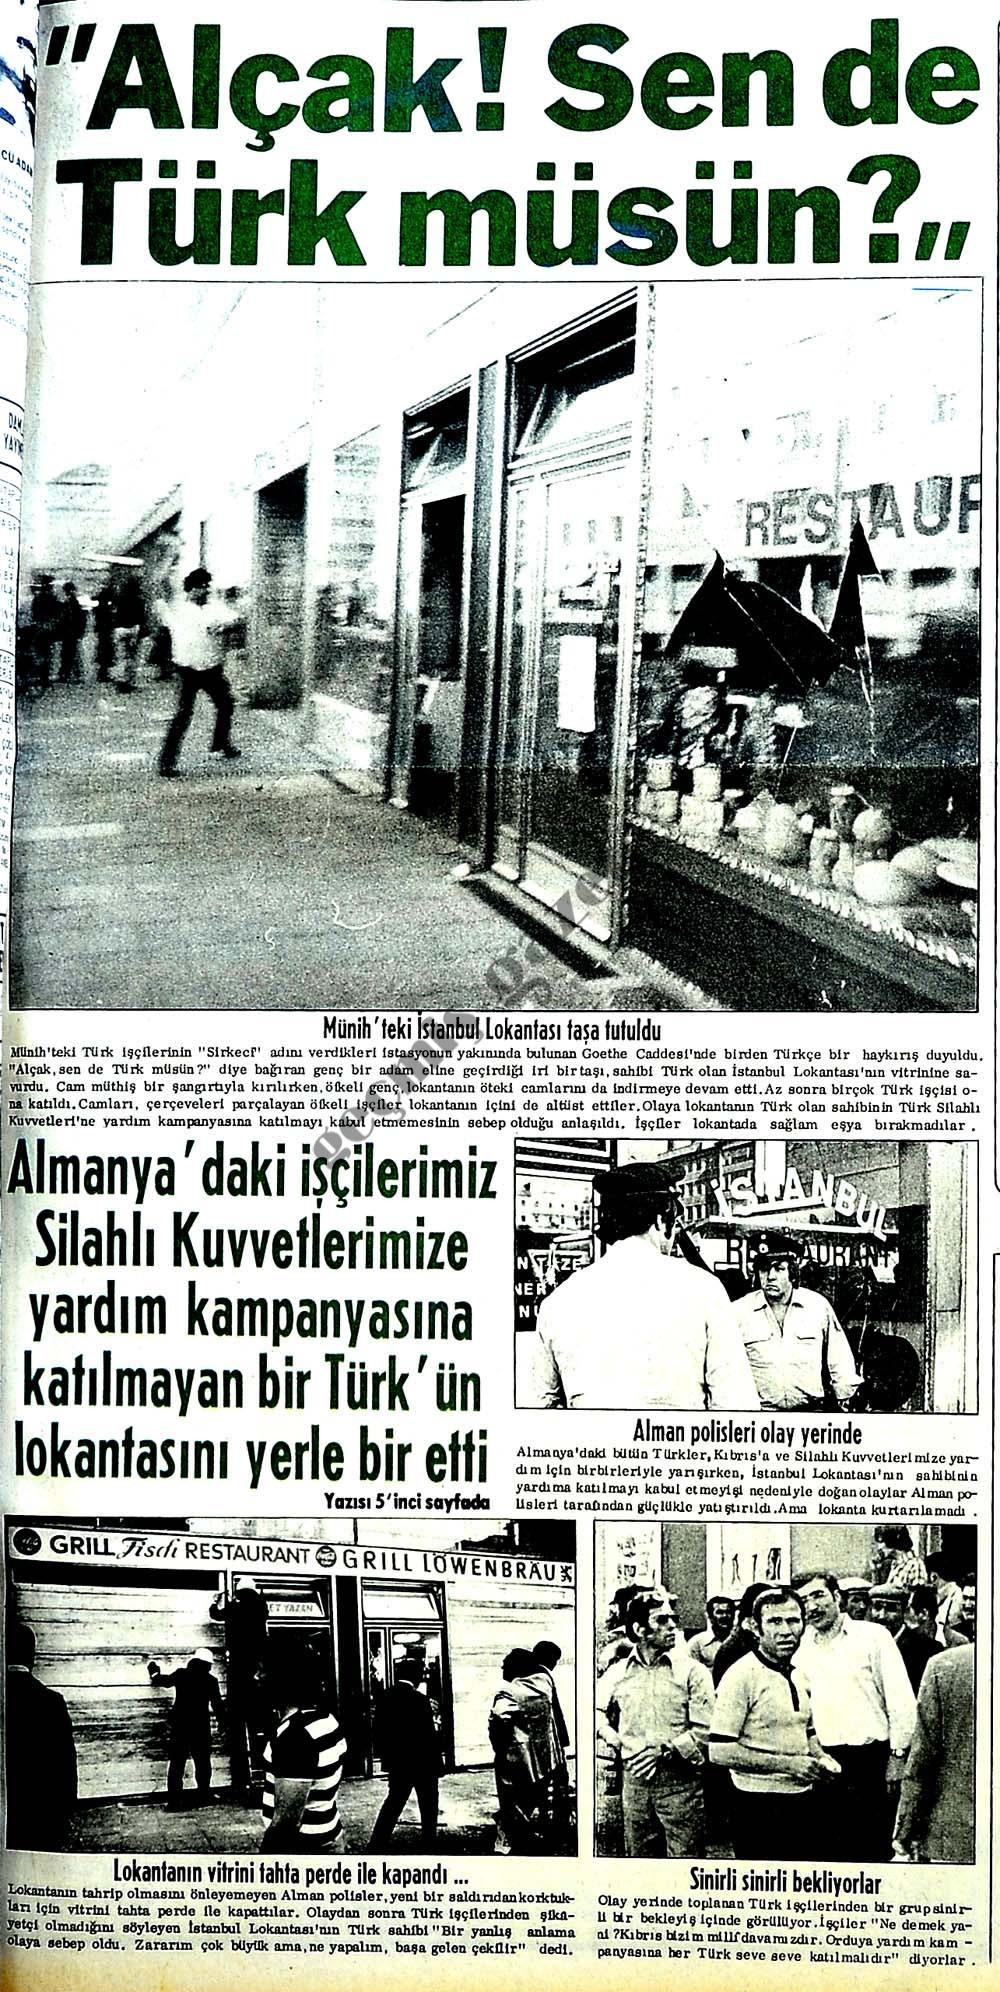 Alçak! Sen de Türk müsün?